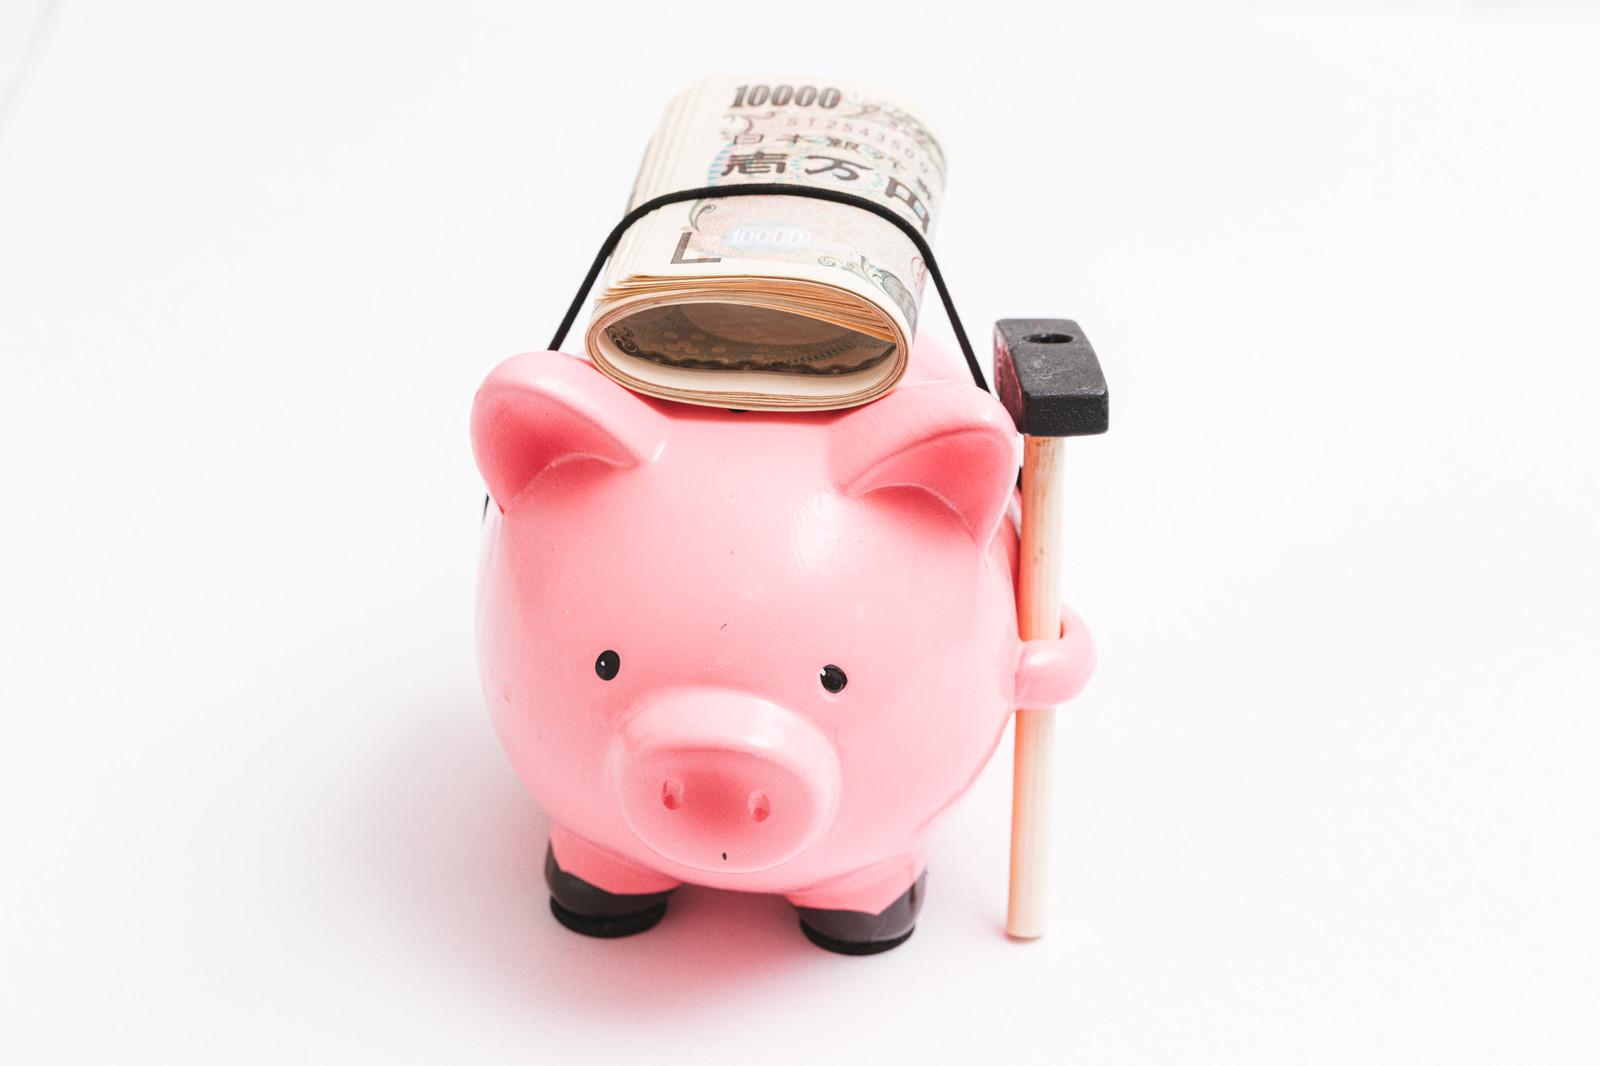 明日までにお金が必要な大学生(成年)におすすめの方法